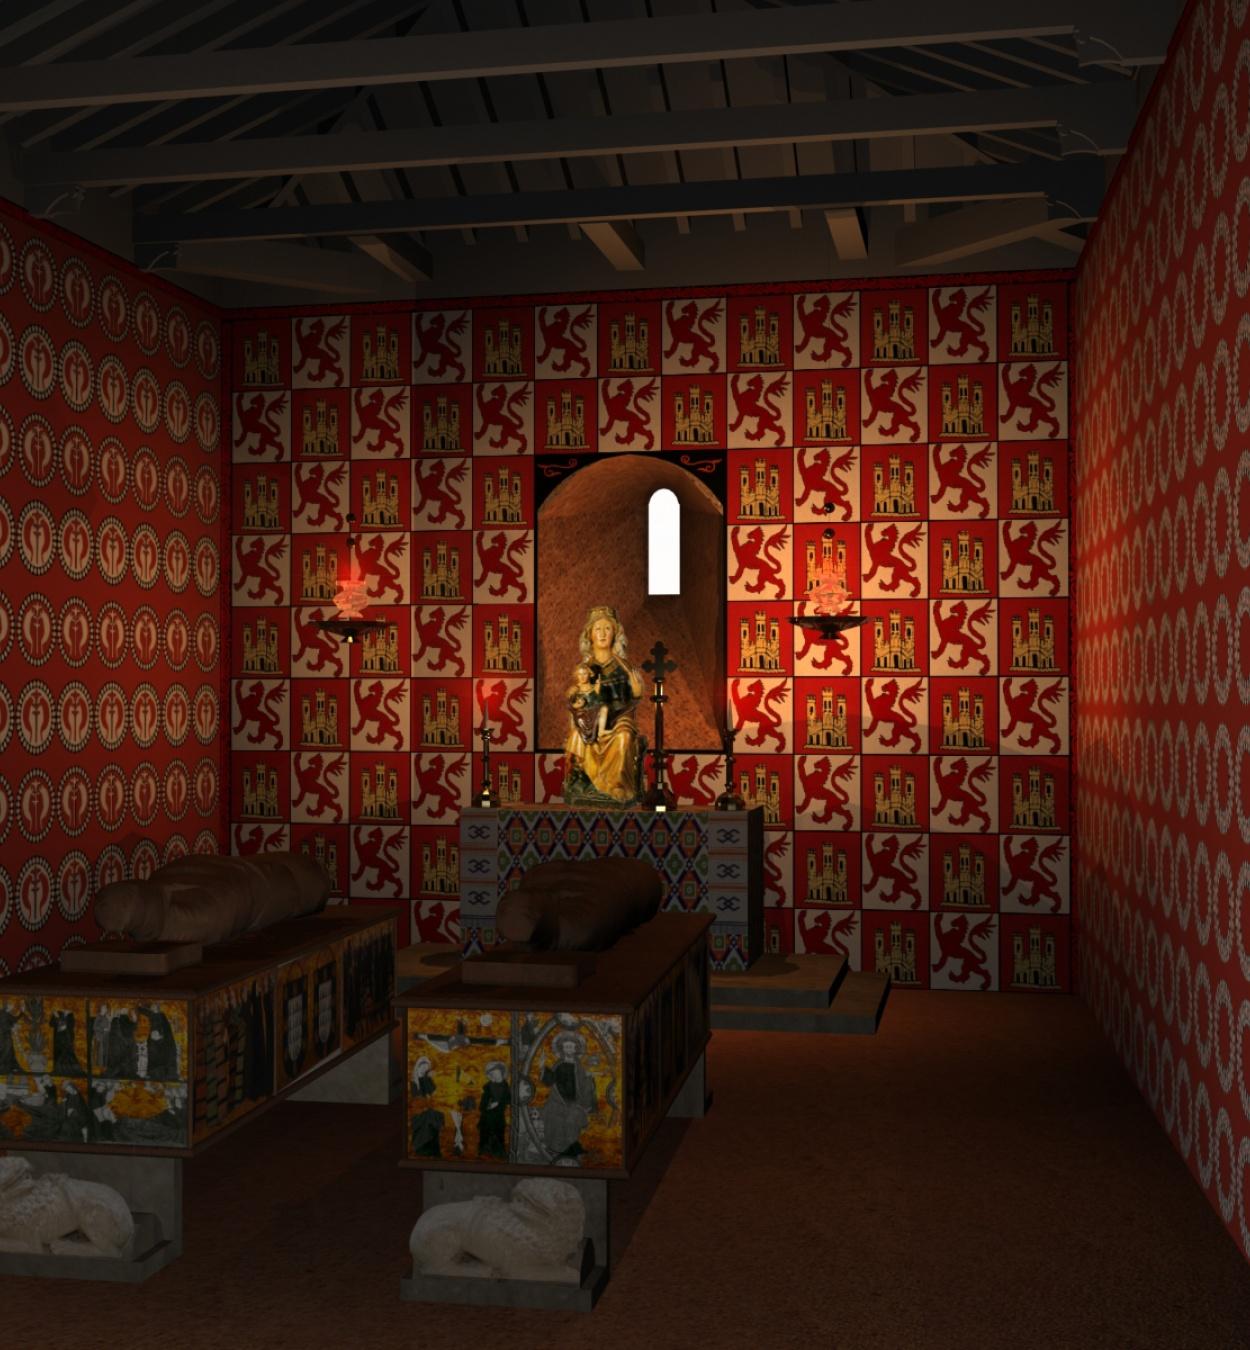 Anònim. Castella - Anunciació, Nativitat, Dormició i Coronació de la Mare de Déu - Cap a 1295 [1]